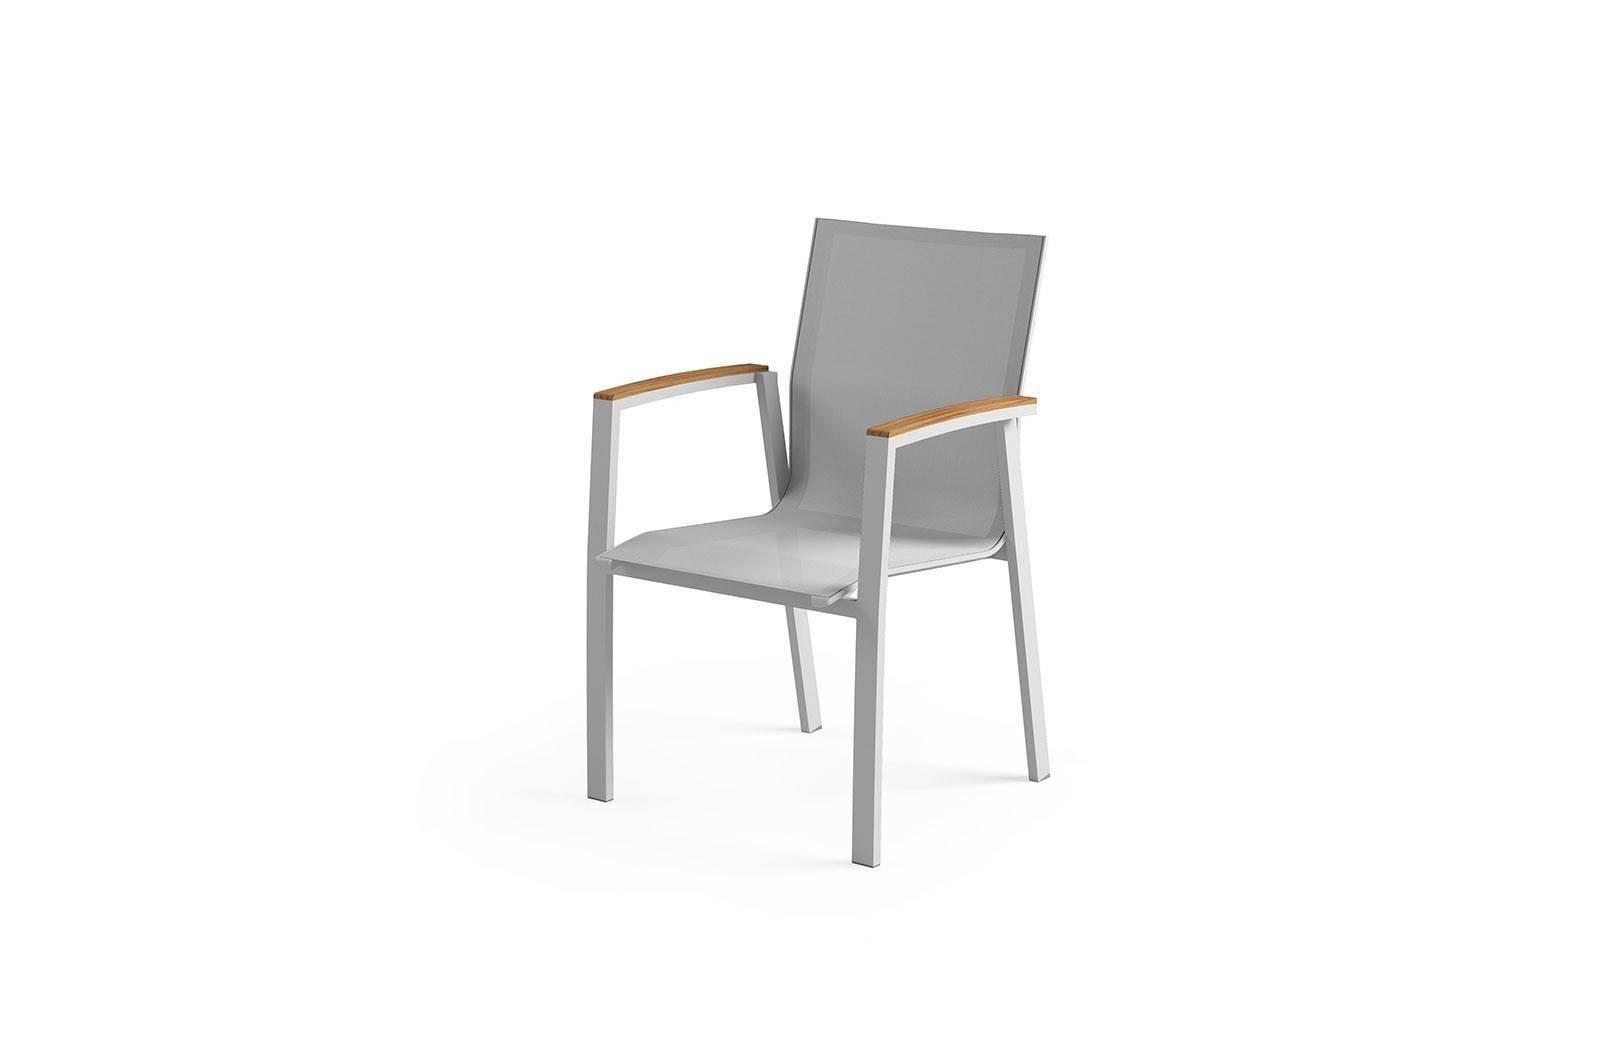 Zahradní hliníková židle LEON teak